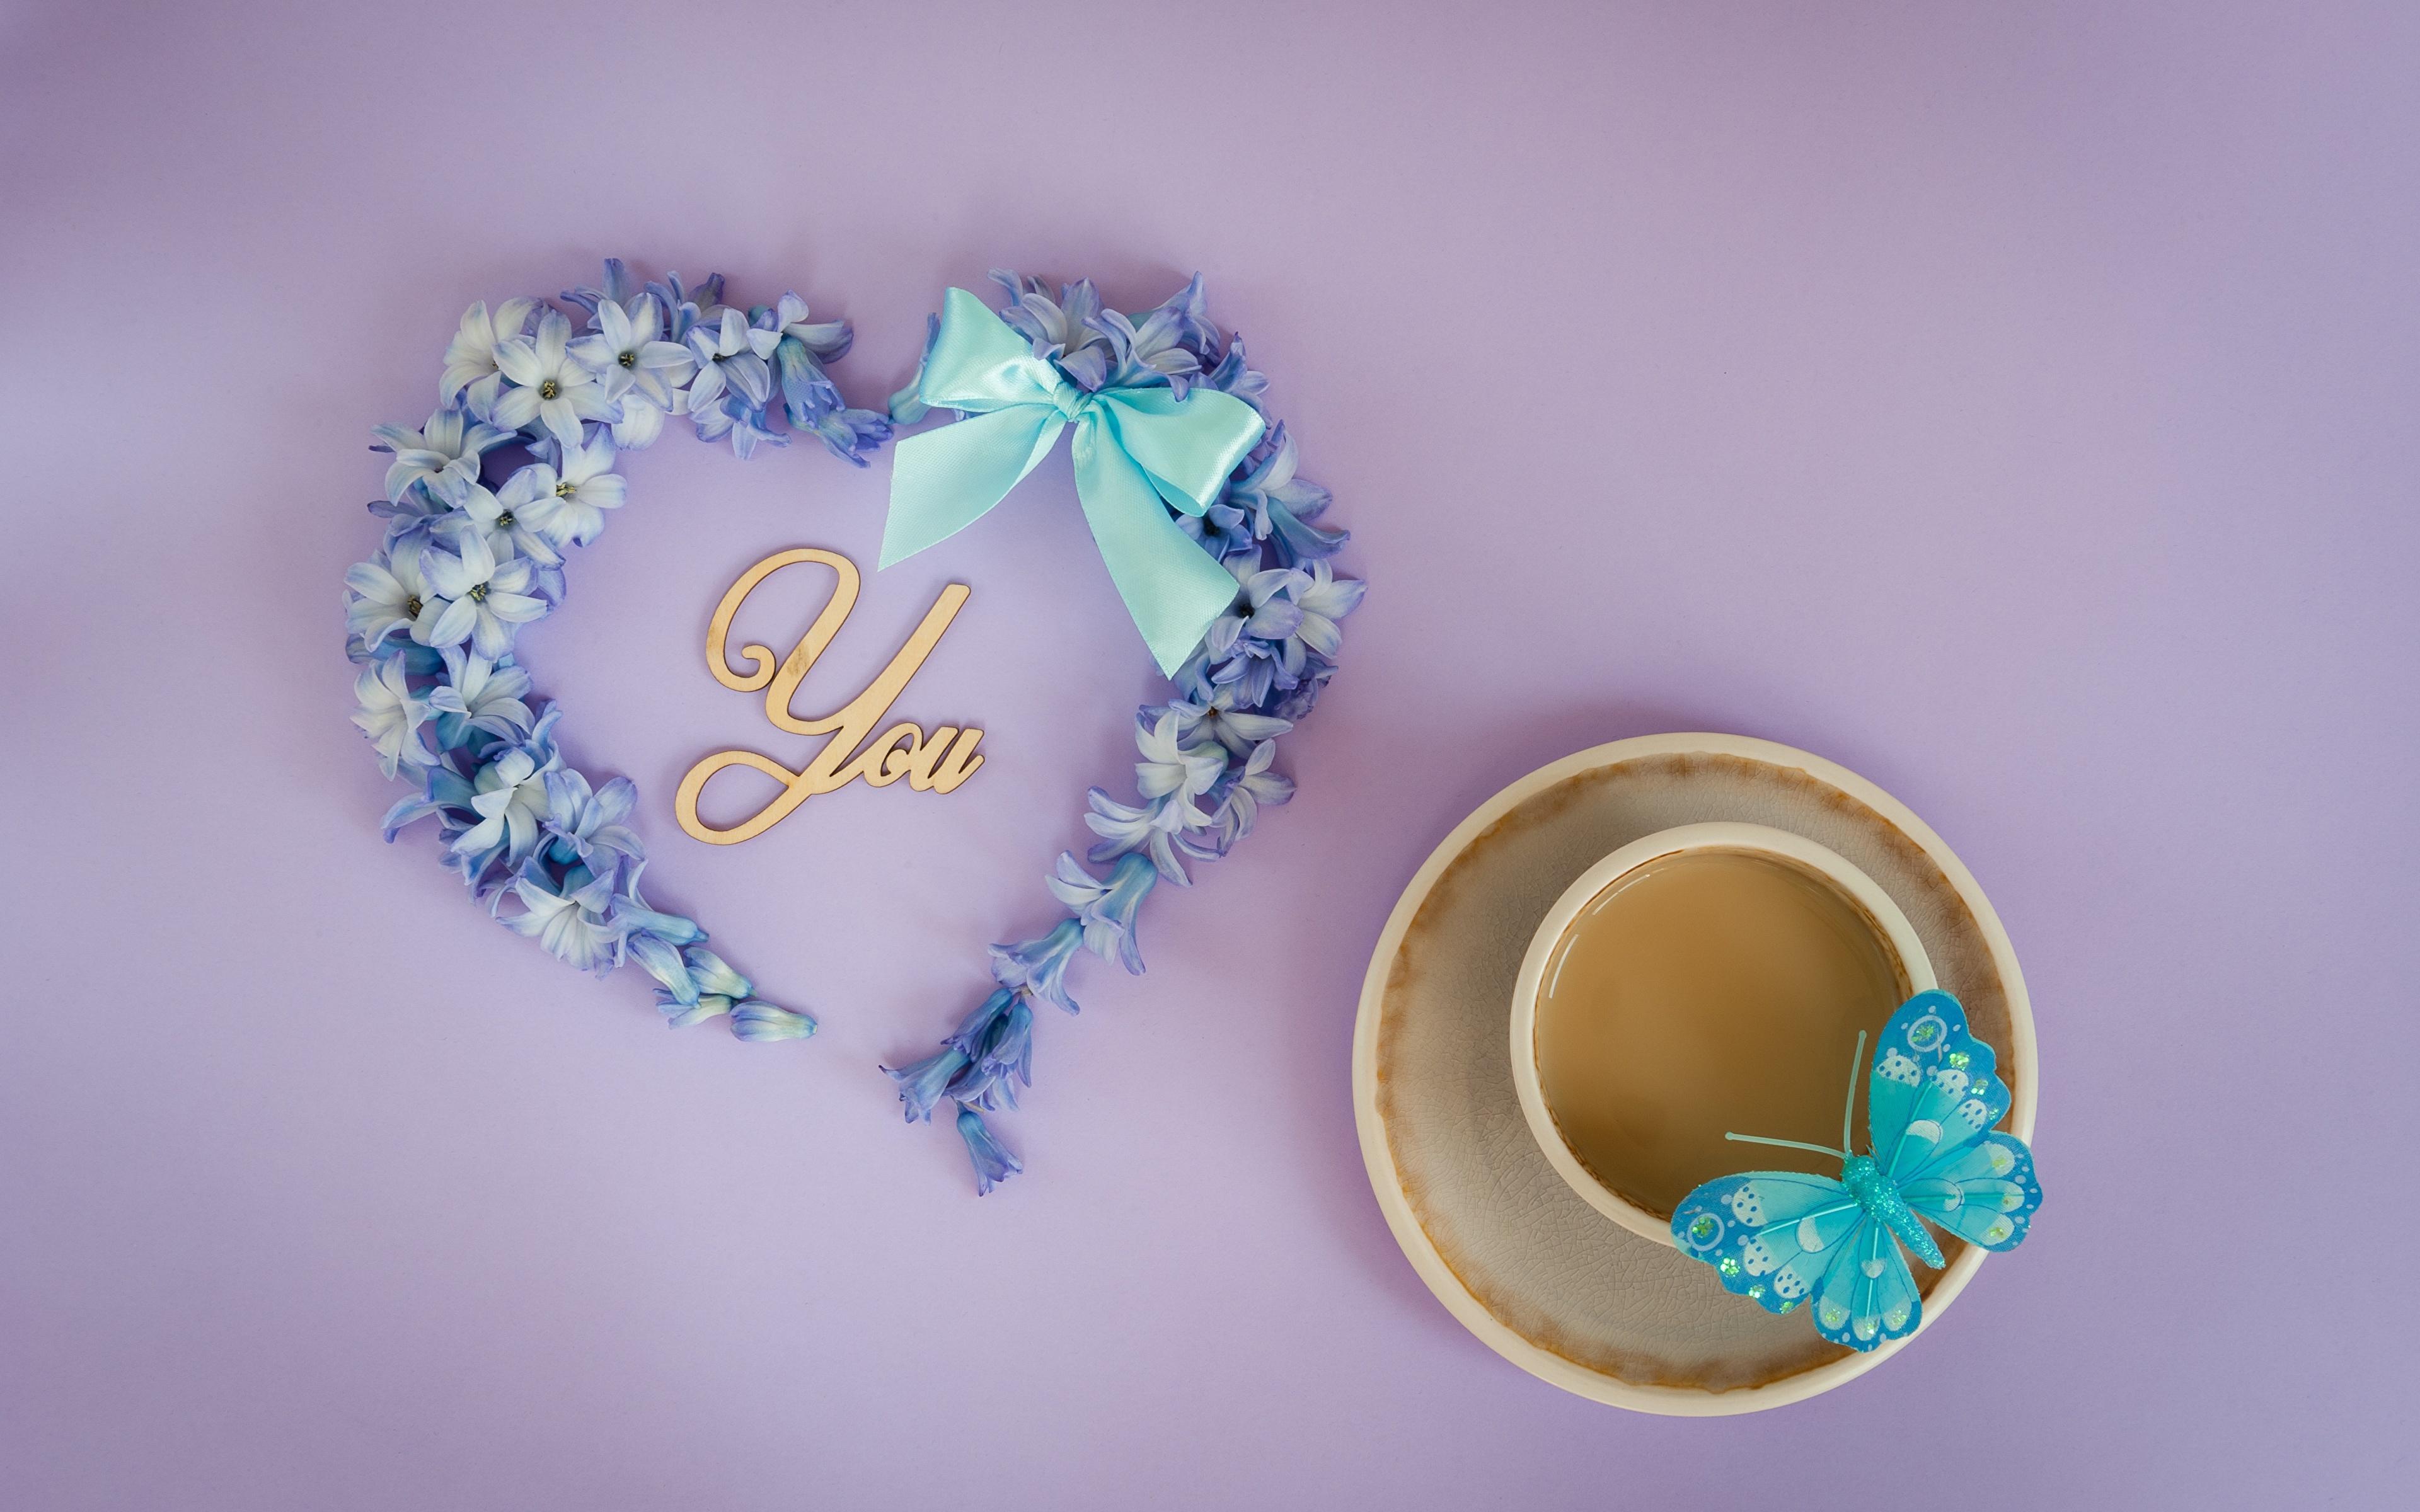 Обои для рабочего стола День святого Валентина бабочка Сердце чашке Бантик 3840x2400 День всех влюблённых Бабочки серце сердца сердечко бант Чашка бантики